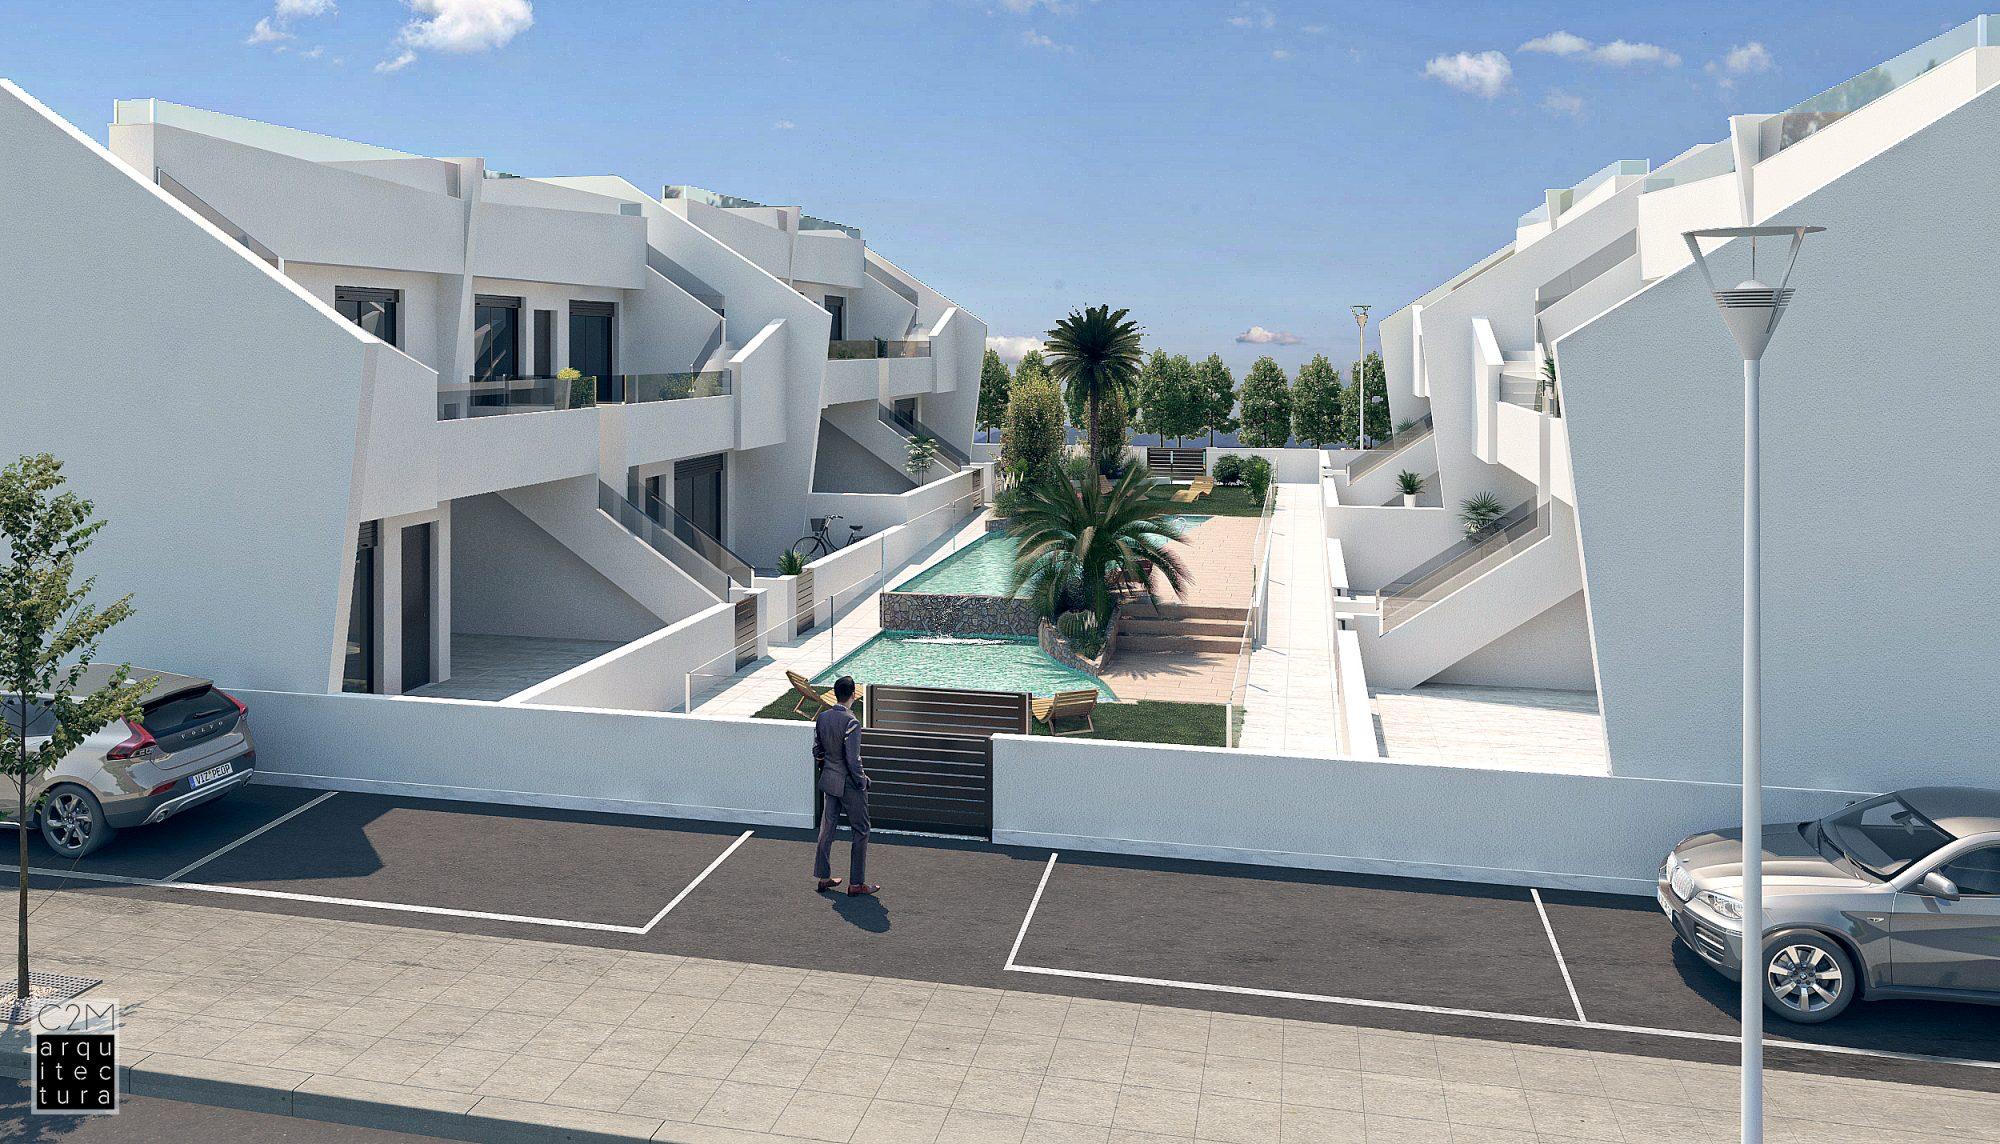 4 pièces Appartement   85 m²